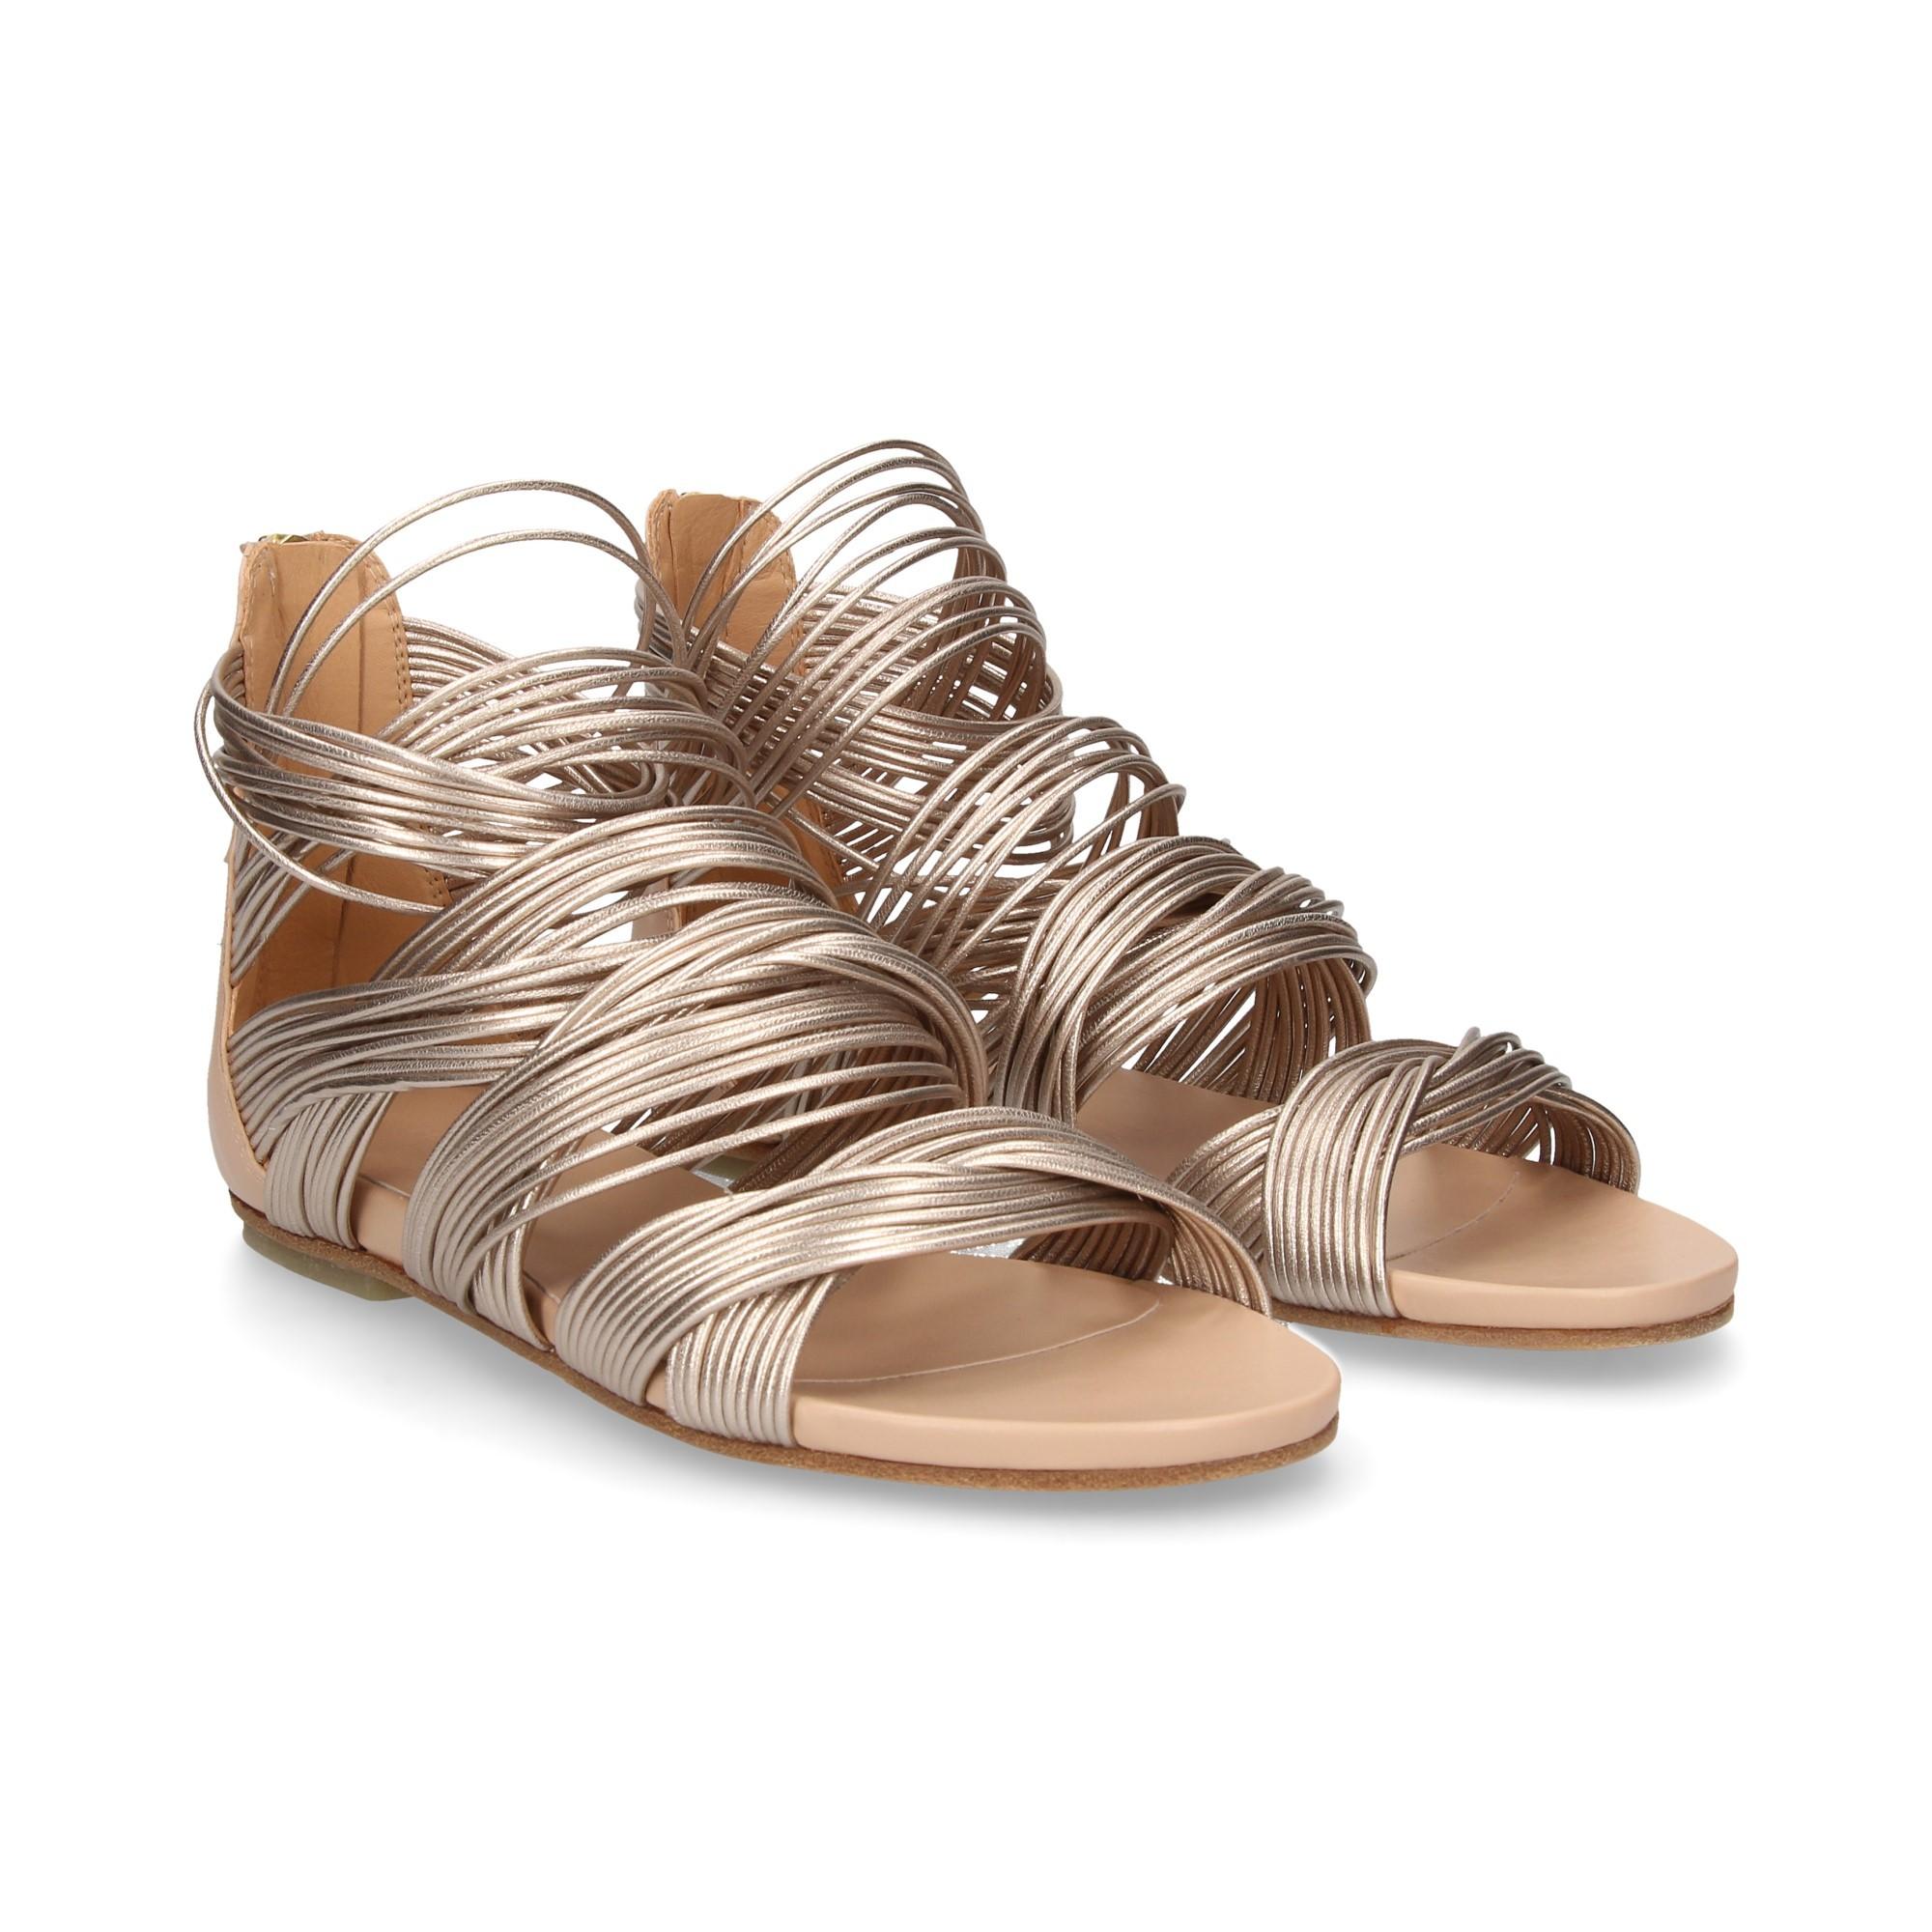 Womens Sandalia Piel Boots Beige Beige 6 Victoria qTK3dZ